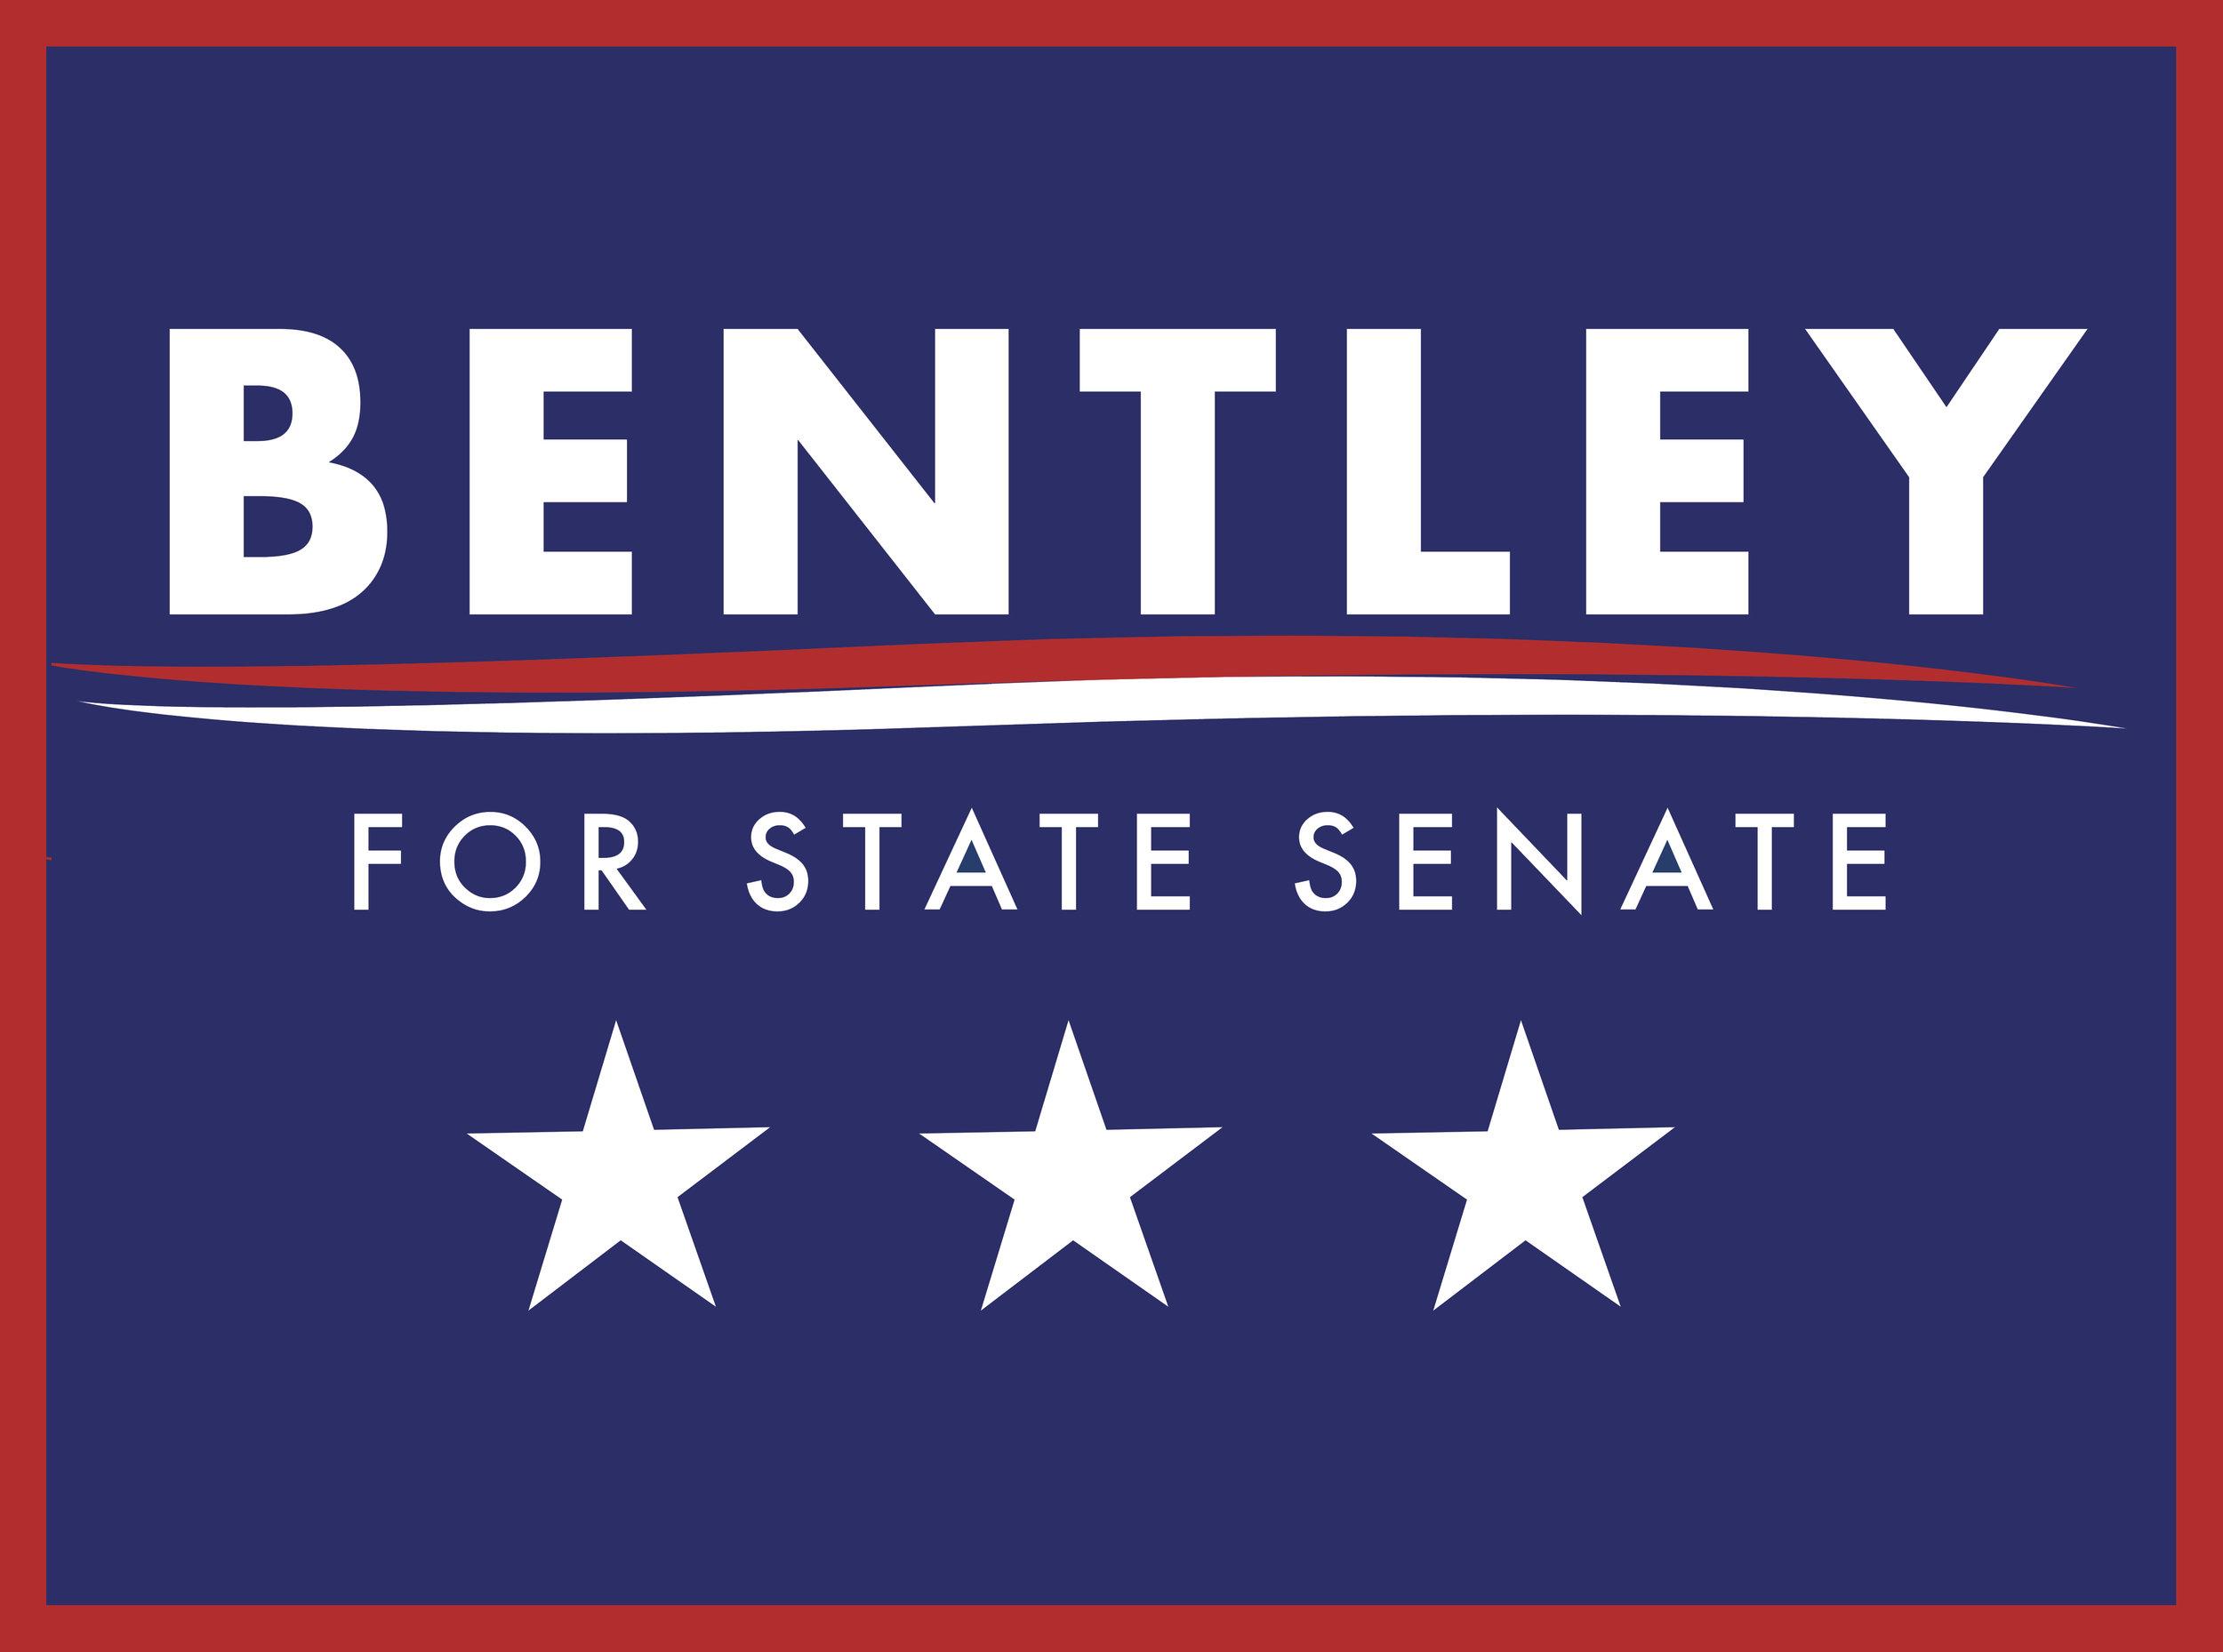 blue.logo.matt.bentley.jpg